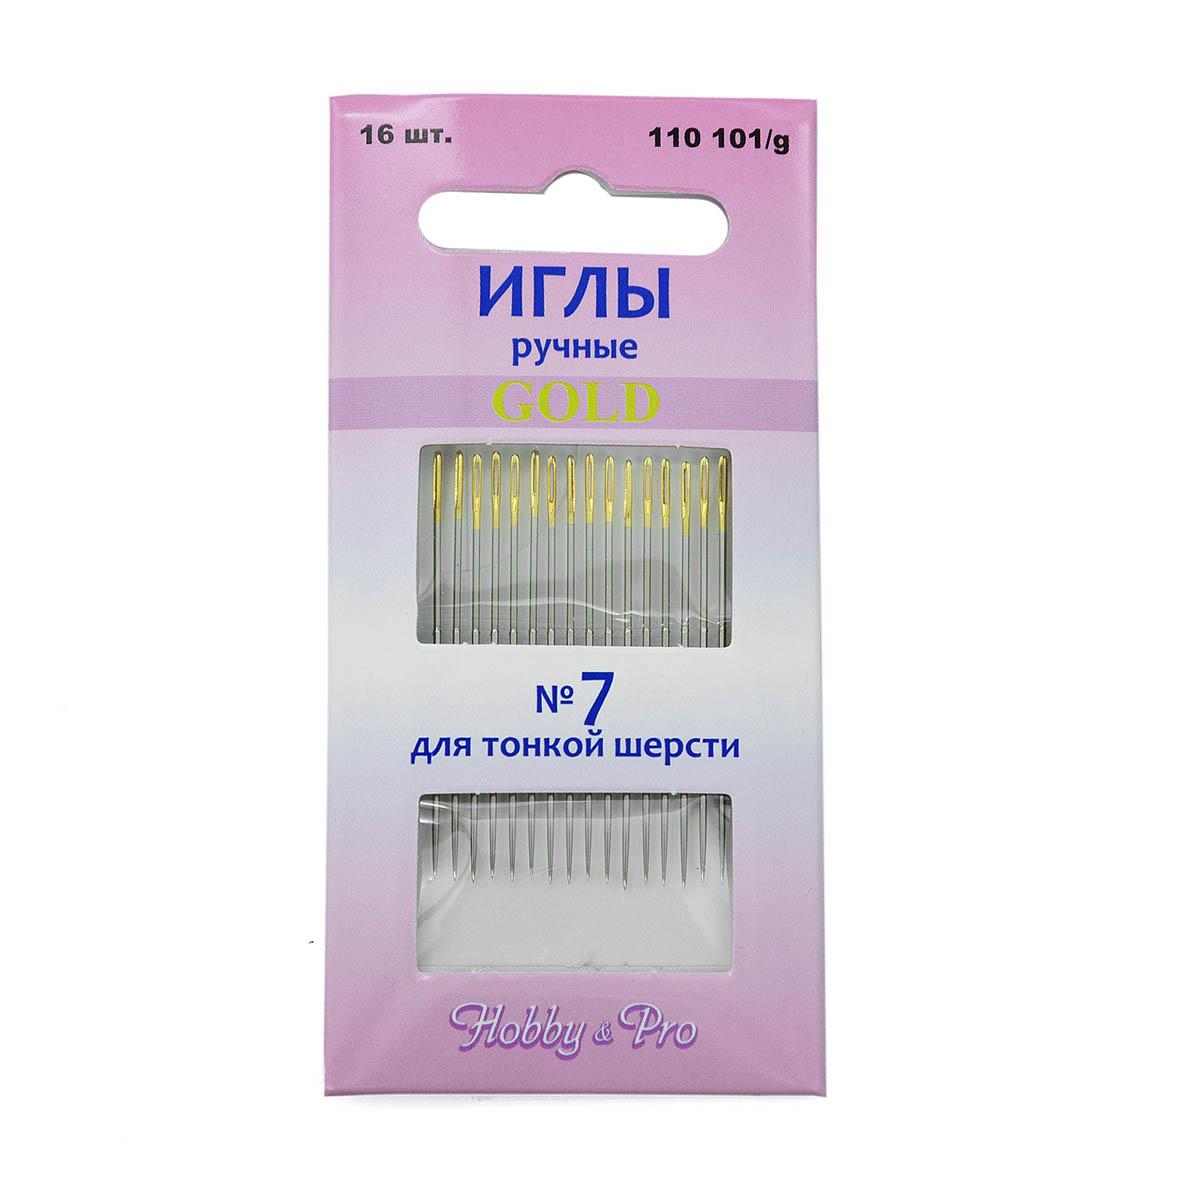 110101/g Иглы вышивальные с золотым ушком для тонкой шерсти №7, упак./16 шт., Hobby&Pro